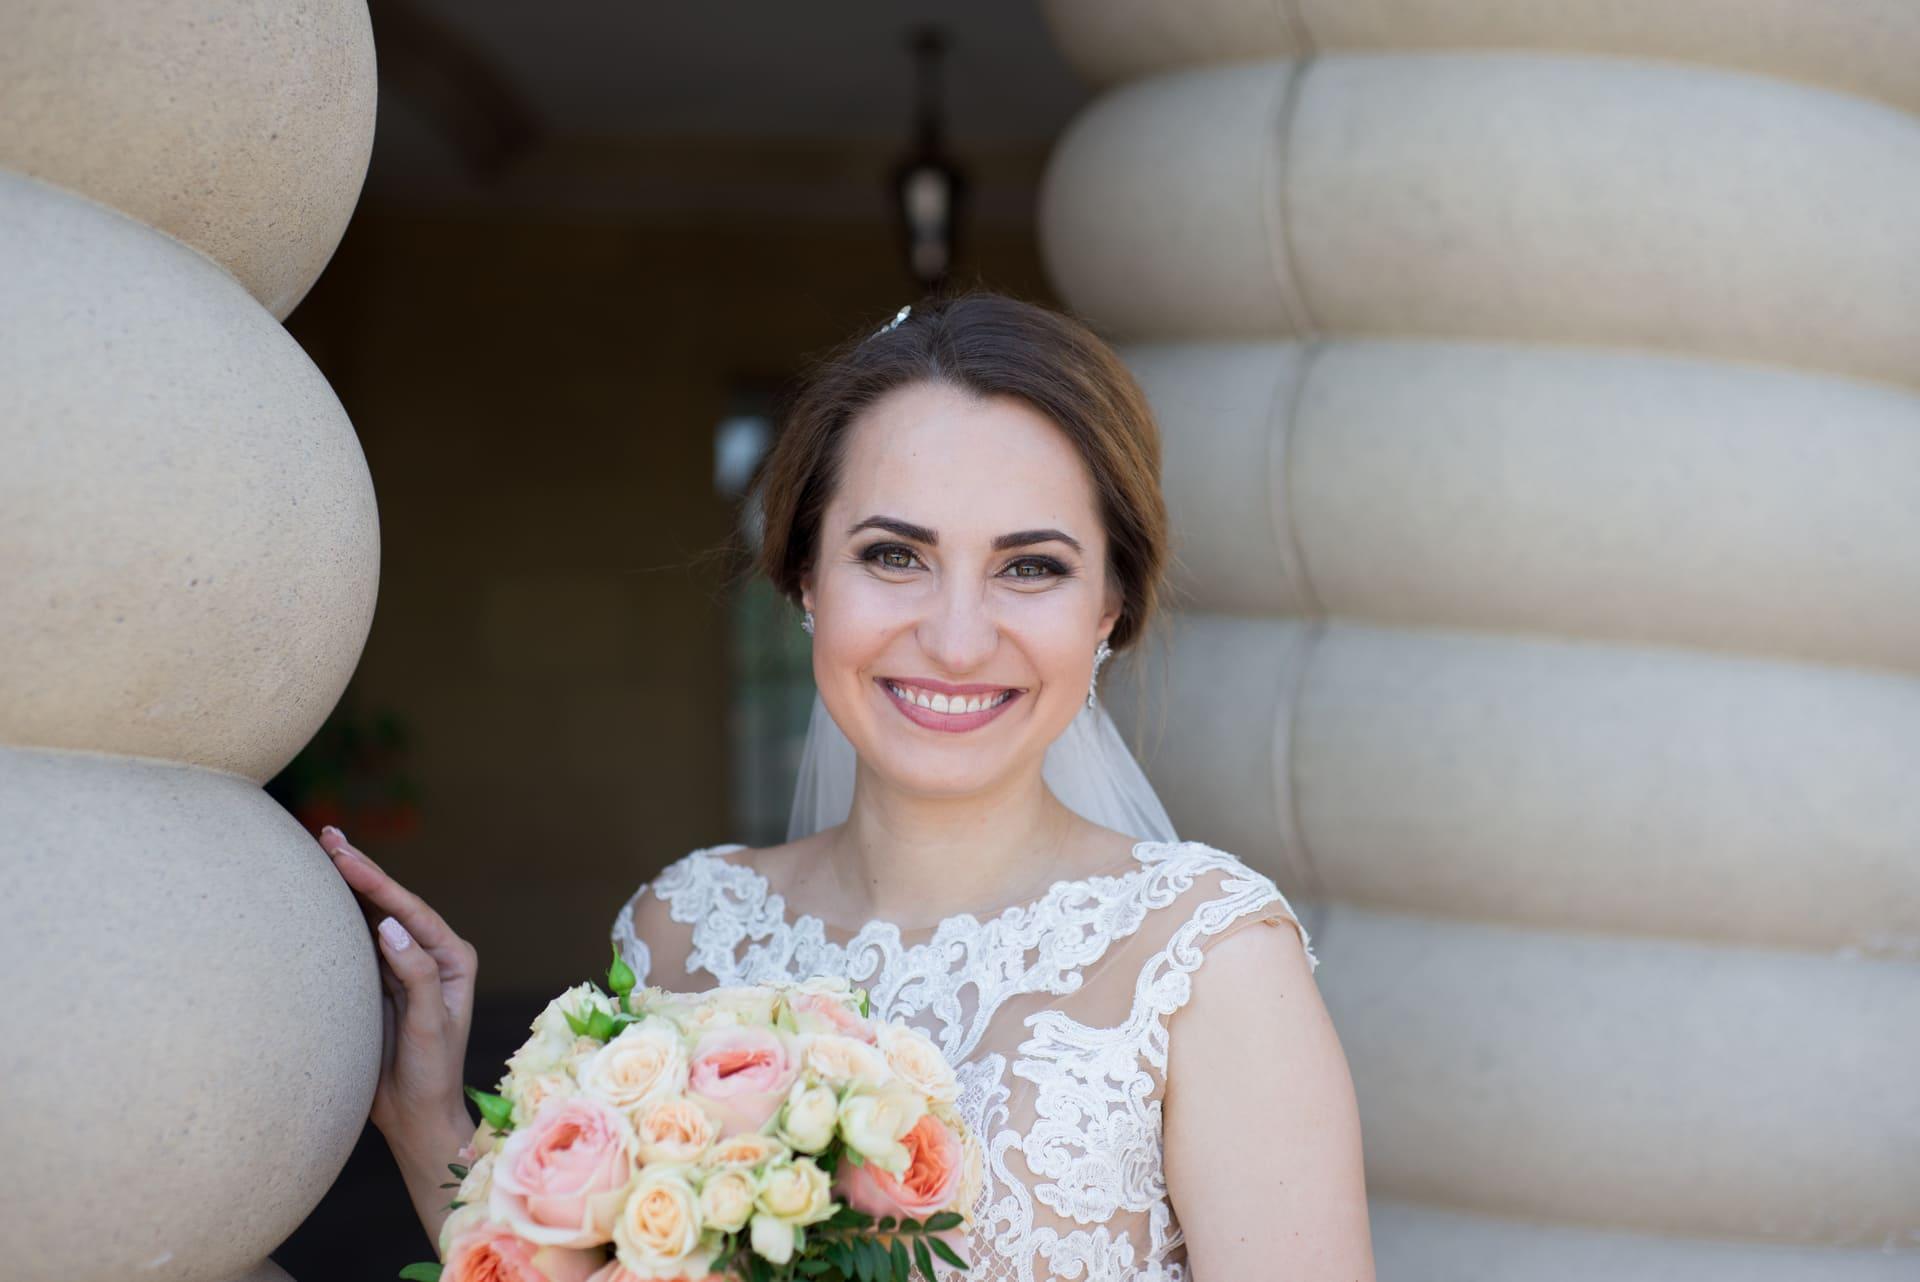 Свадебная фотосессия в Межигорье: Сияющая улыбка невесты